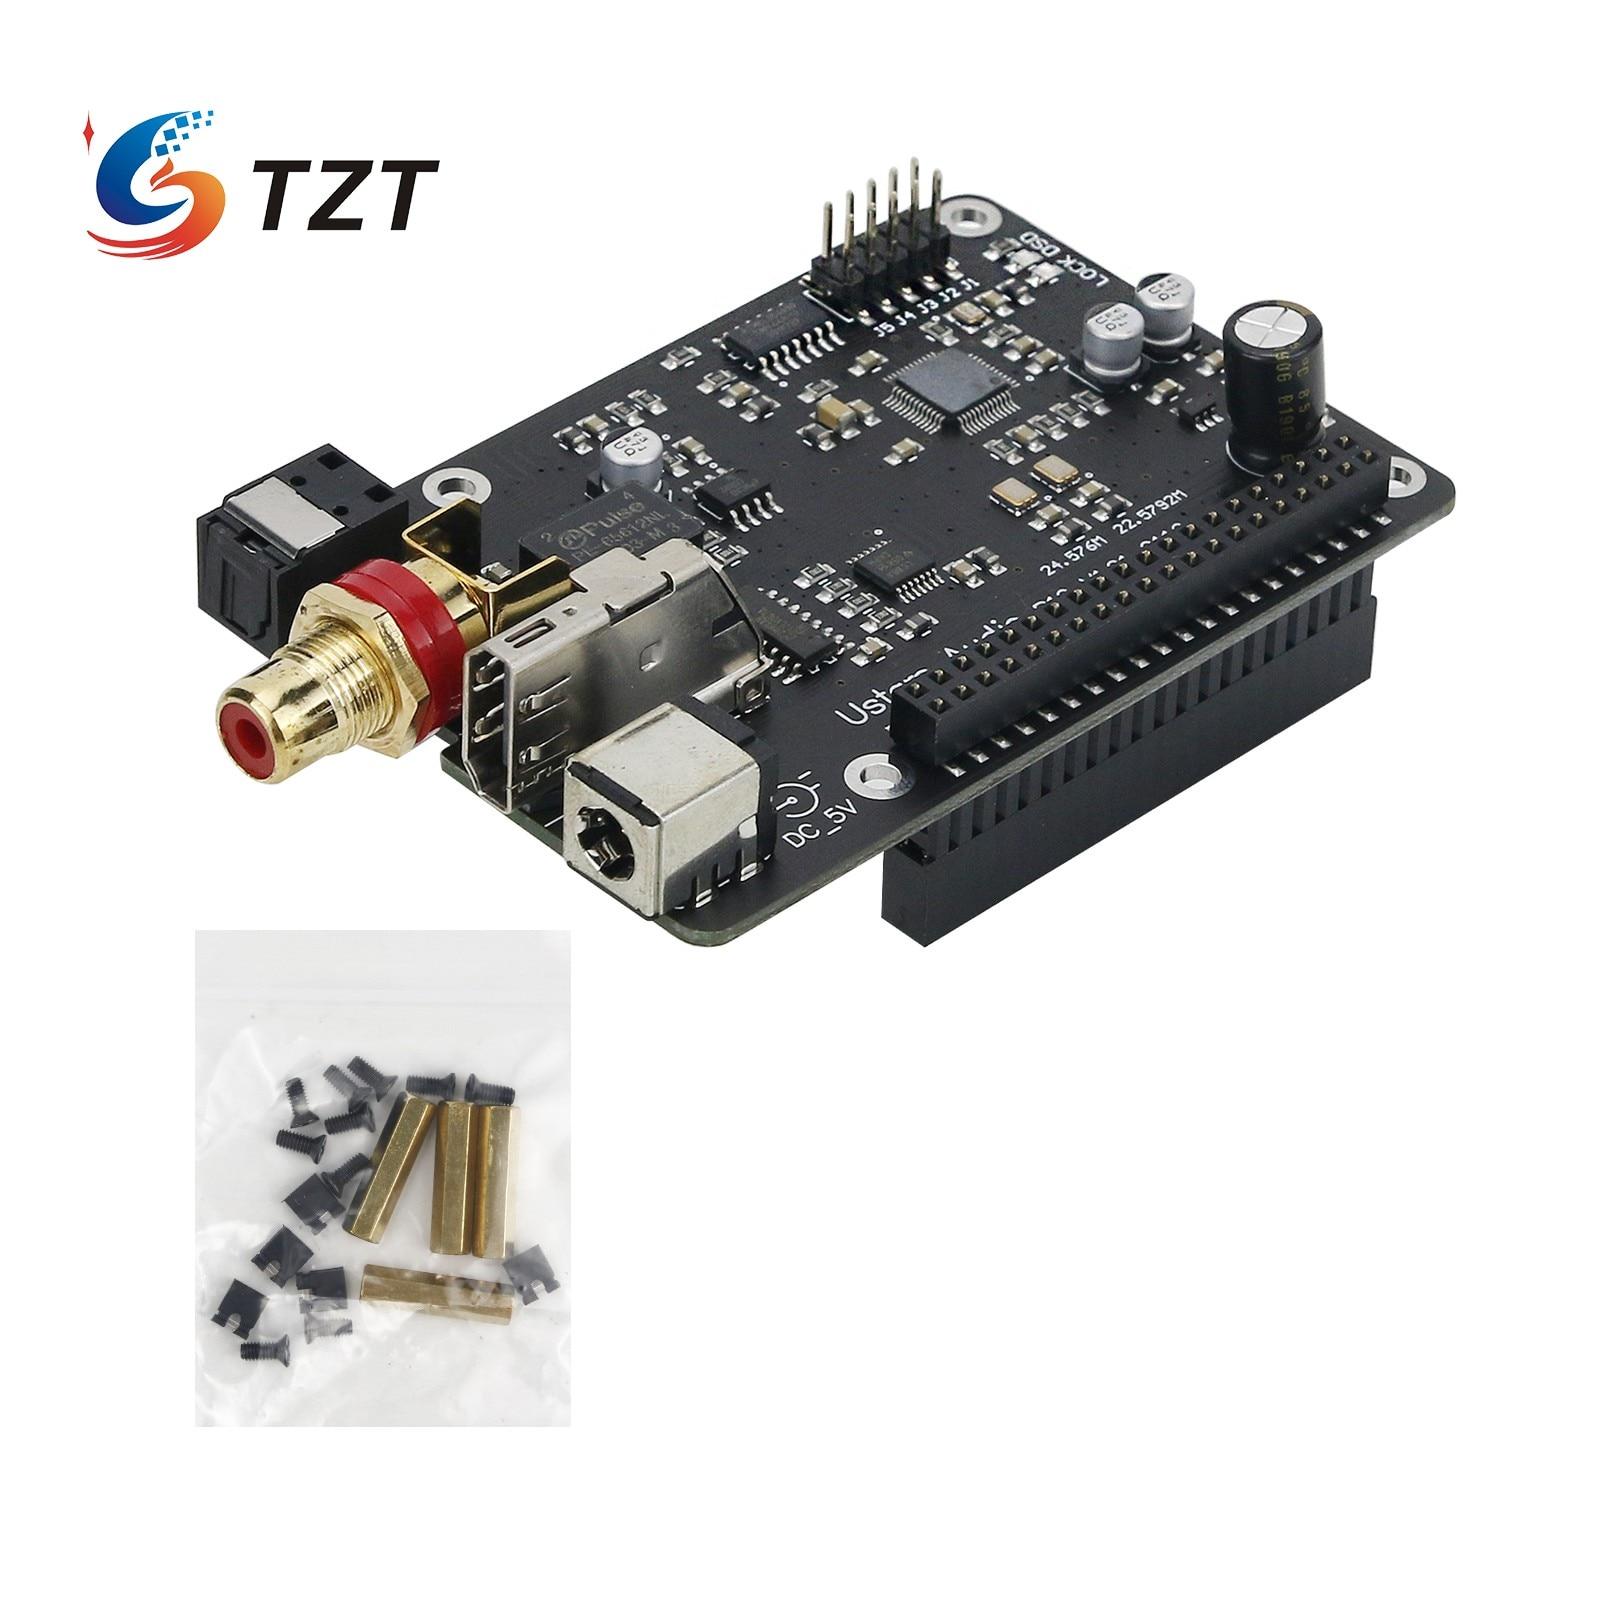 لوحة صوت رقمية TZT Ustars الصوت R19 32Bit PCM384KHz DSD512 دوبس متحد المحور لـ Raspberry Pi